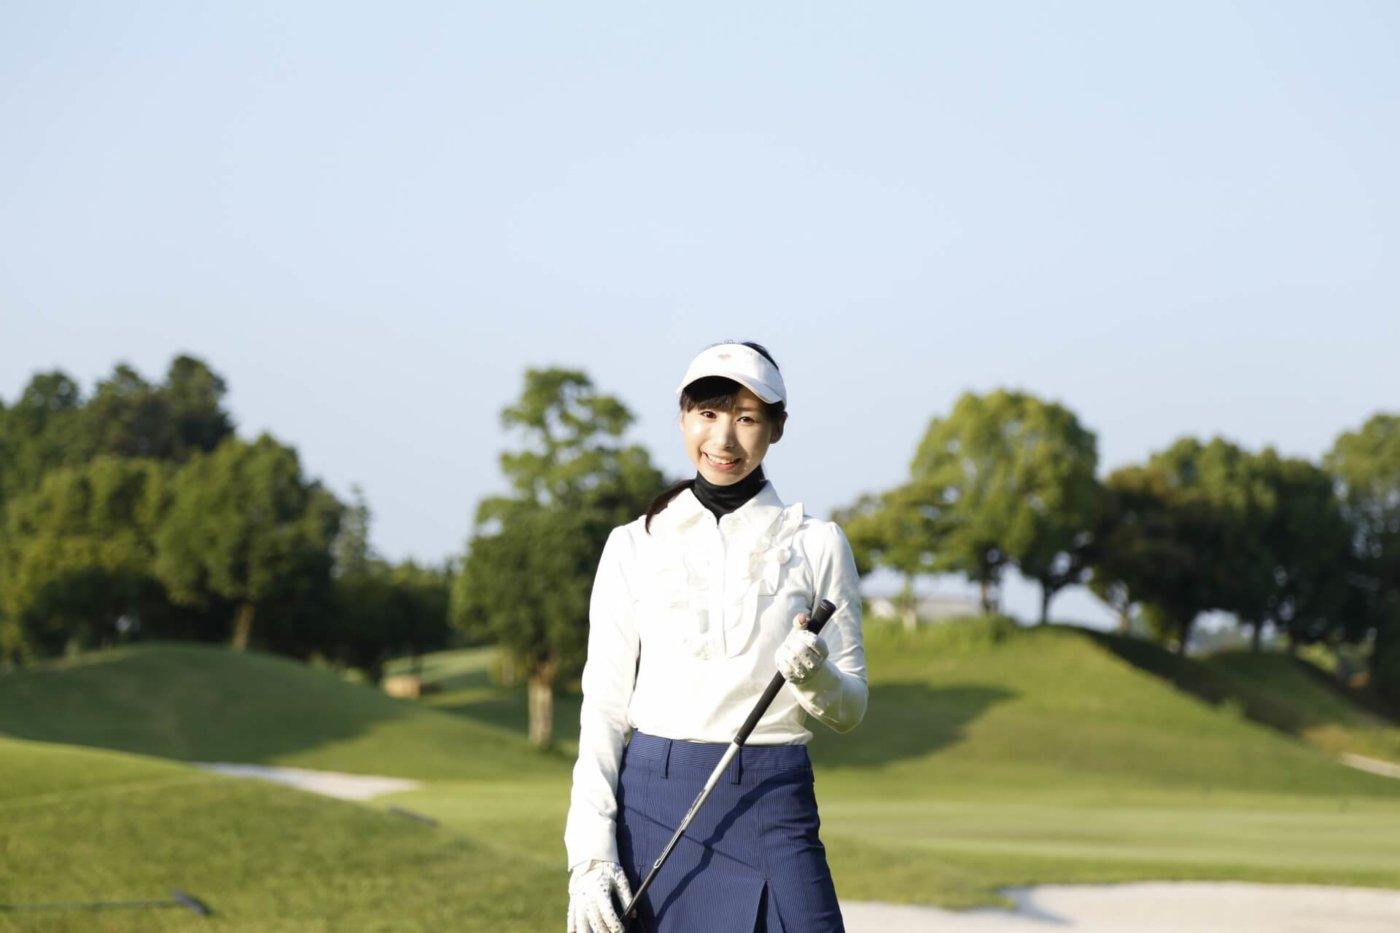 レディース用のゴルフ帽子